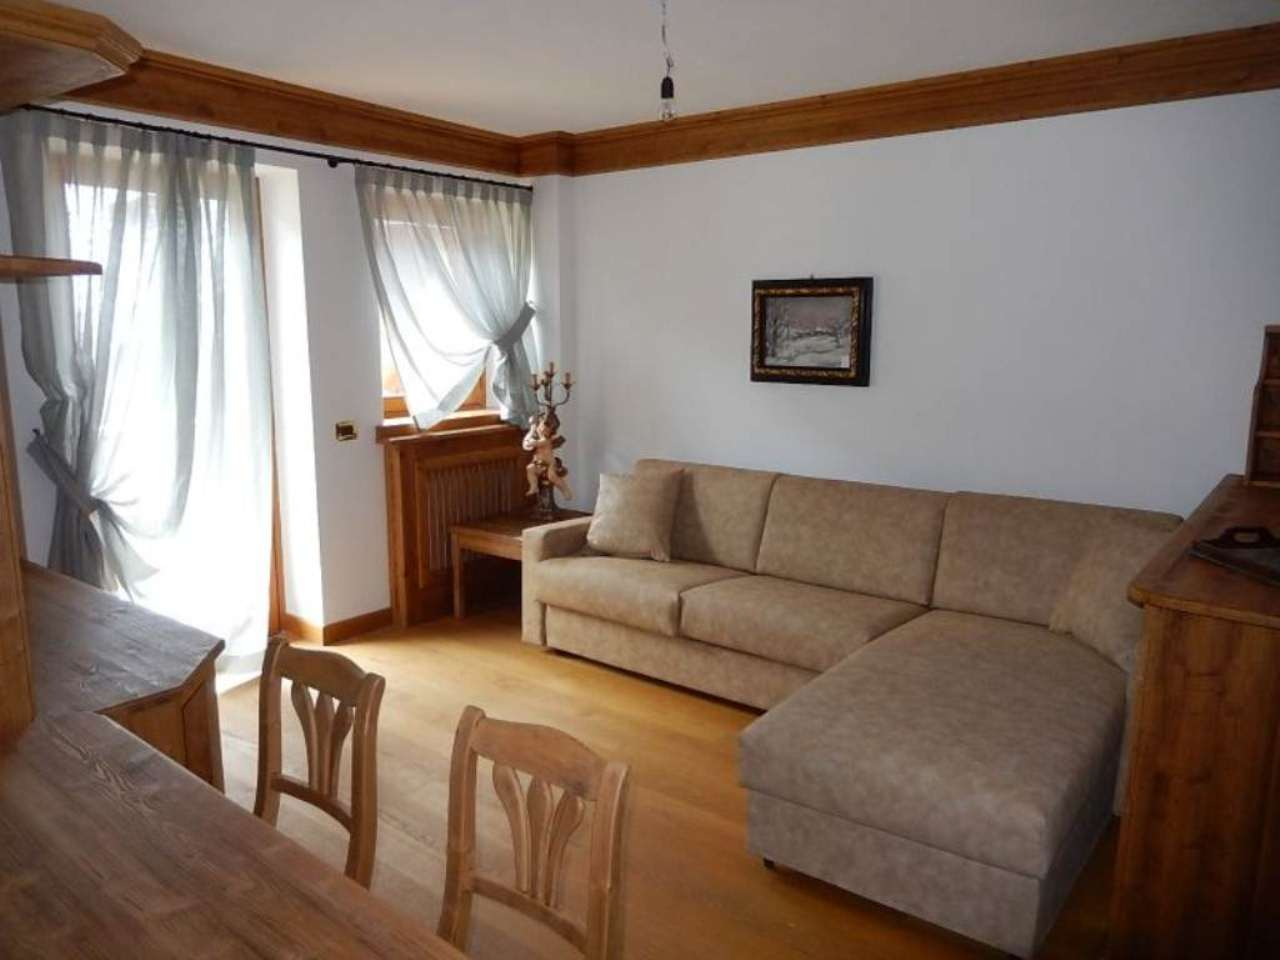 Appartamento in vendita a Vodo Cadore, 3 locali, prezzo € 240.000 | Cambio Casa.it